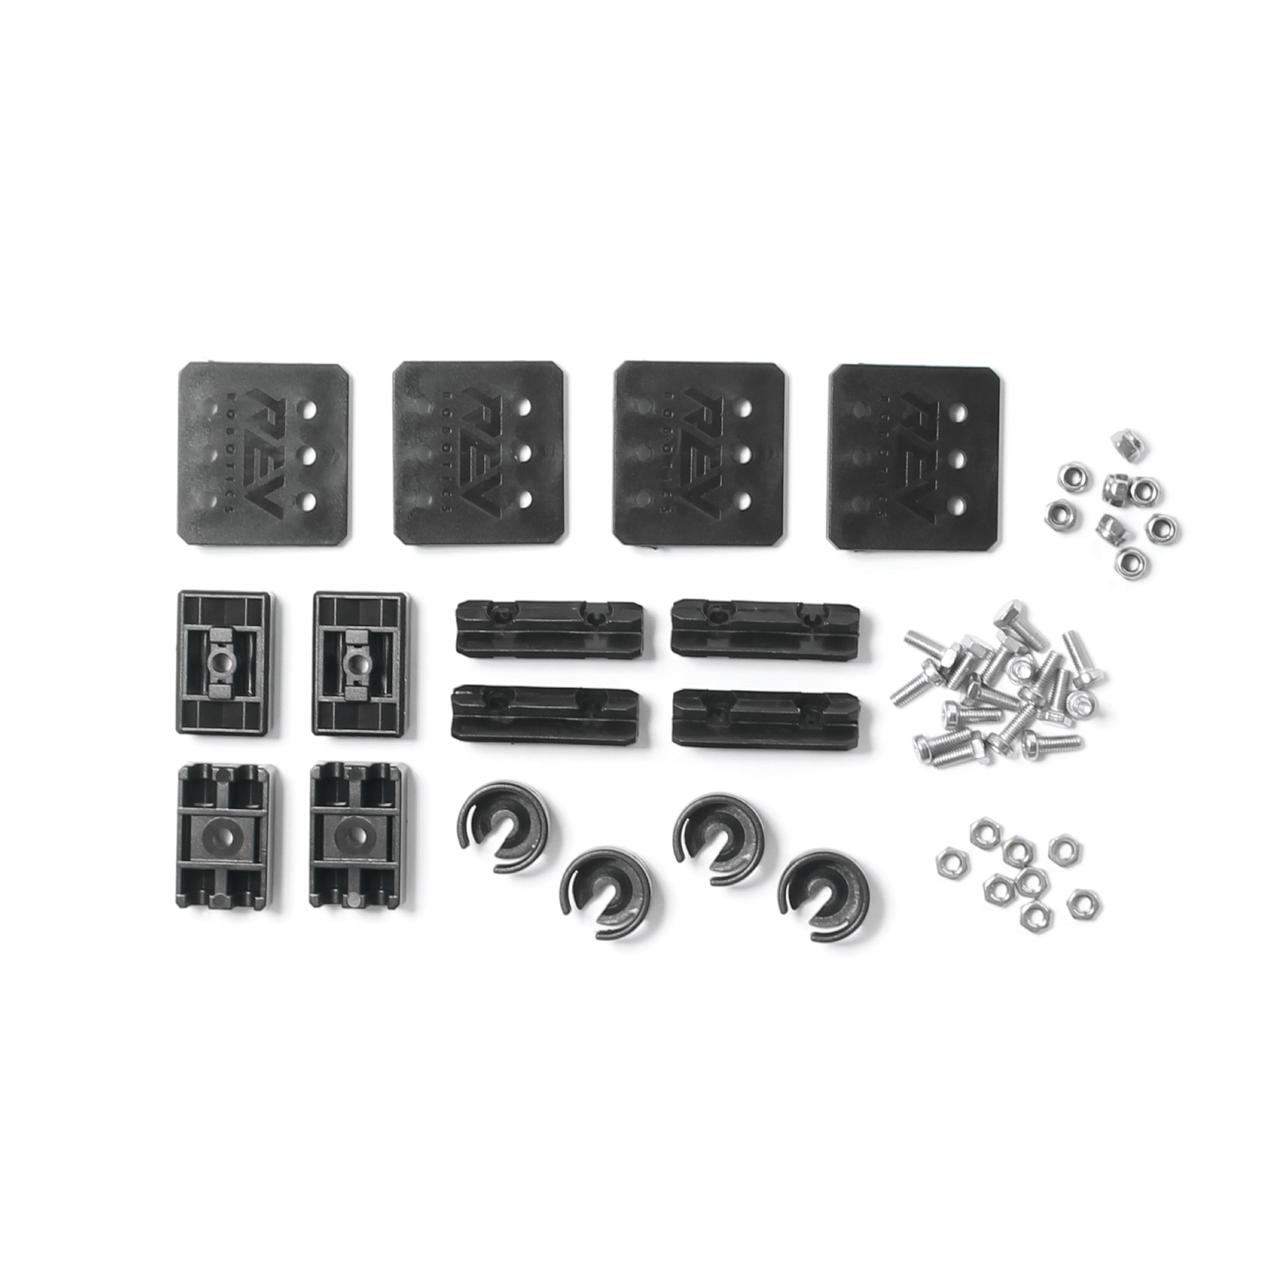 15mm Linear Motion Kit V2